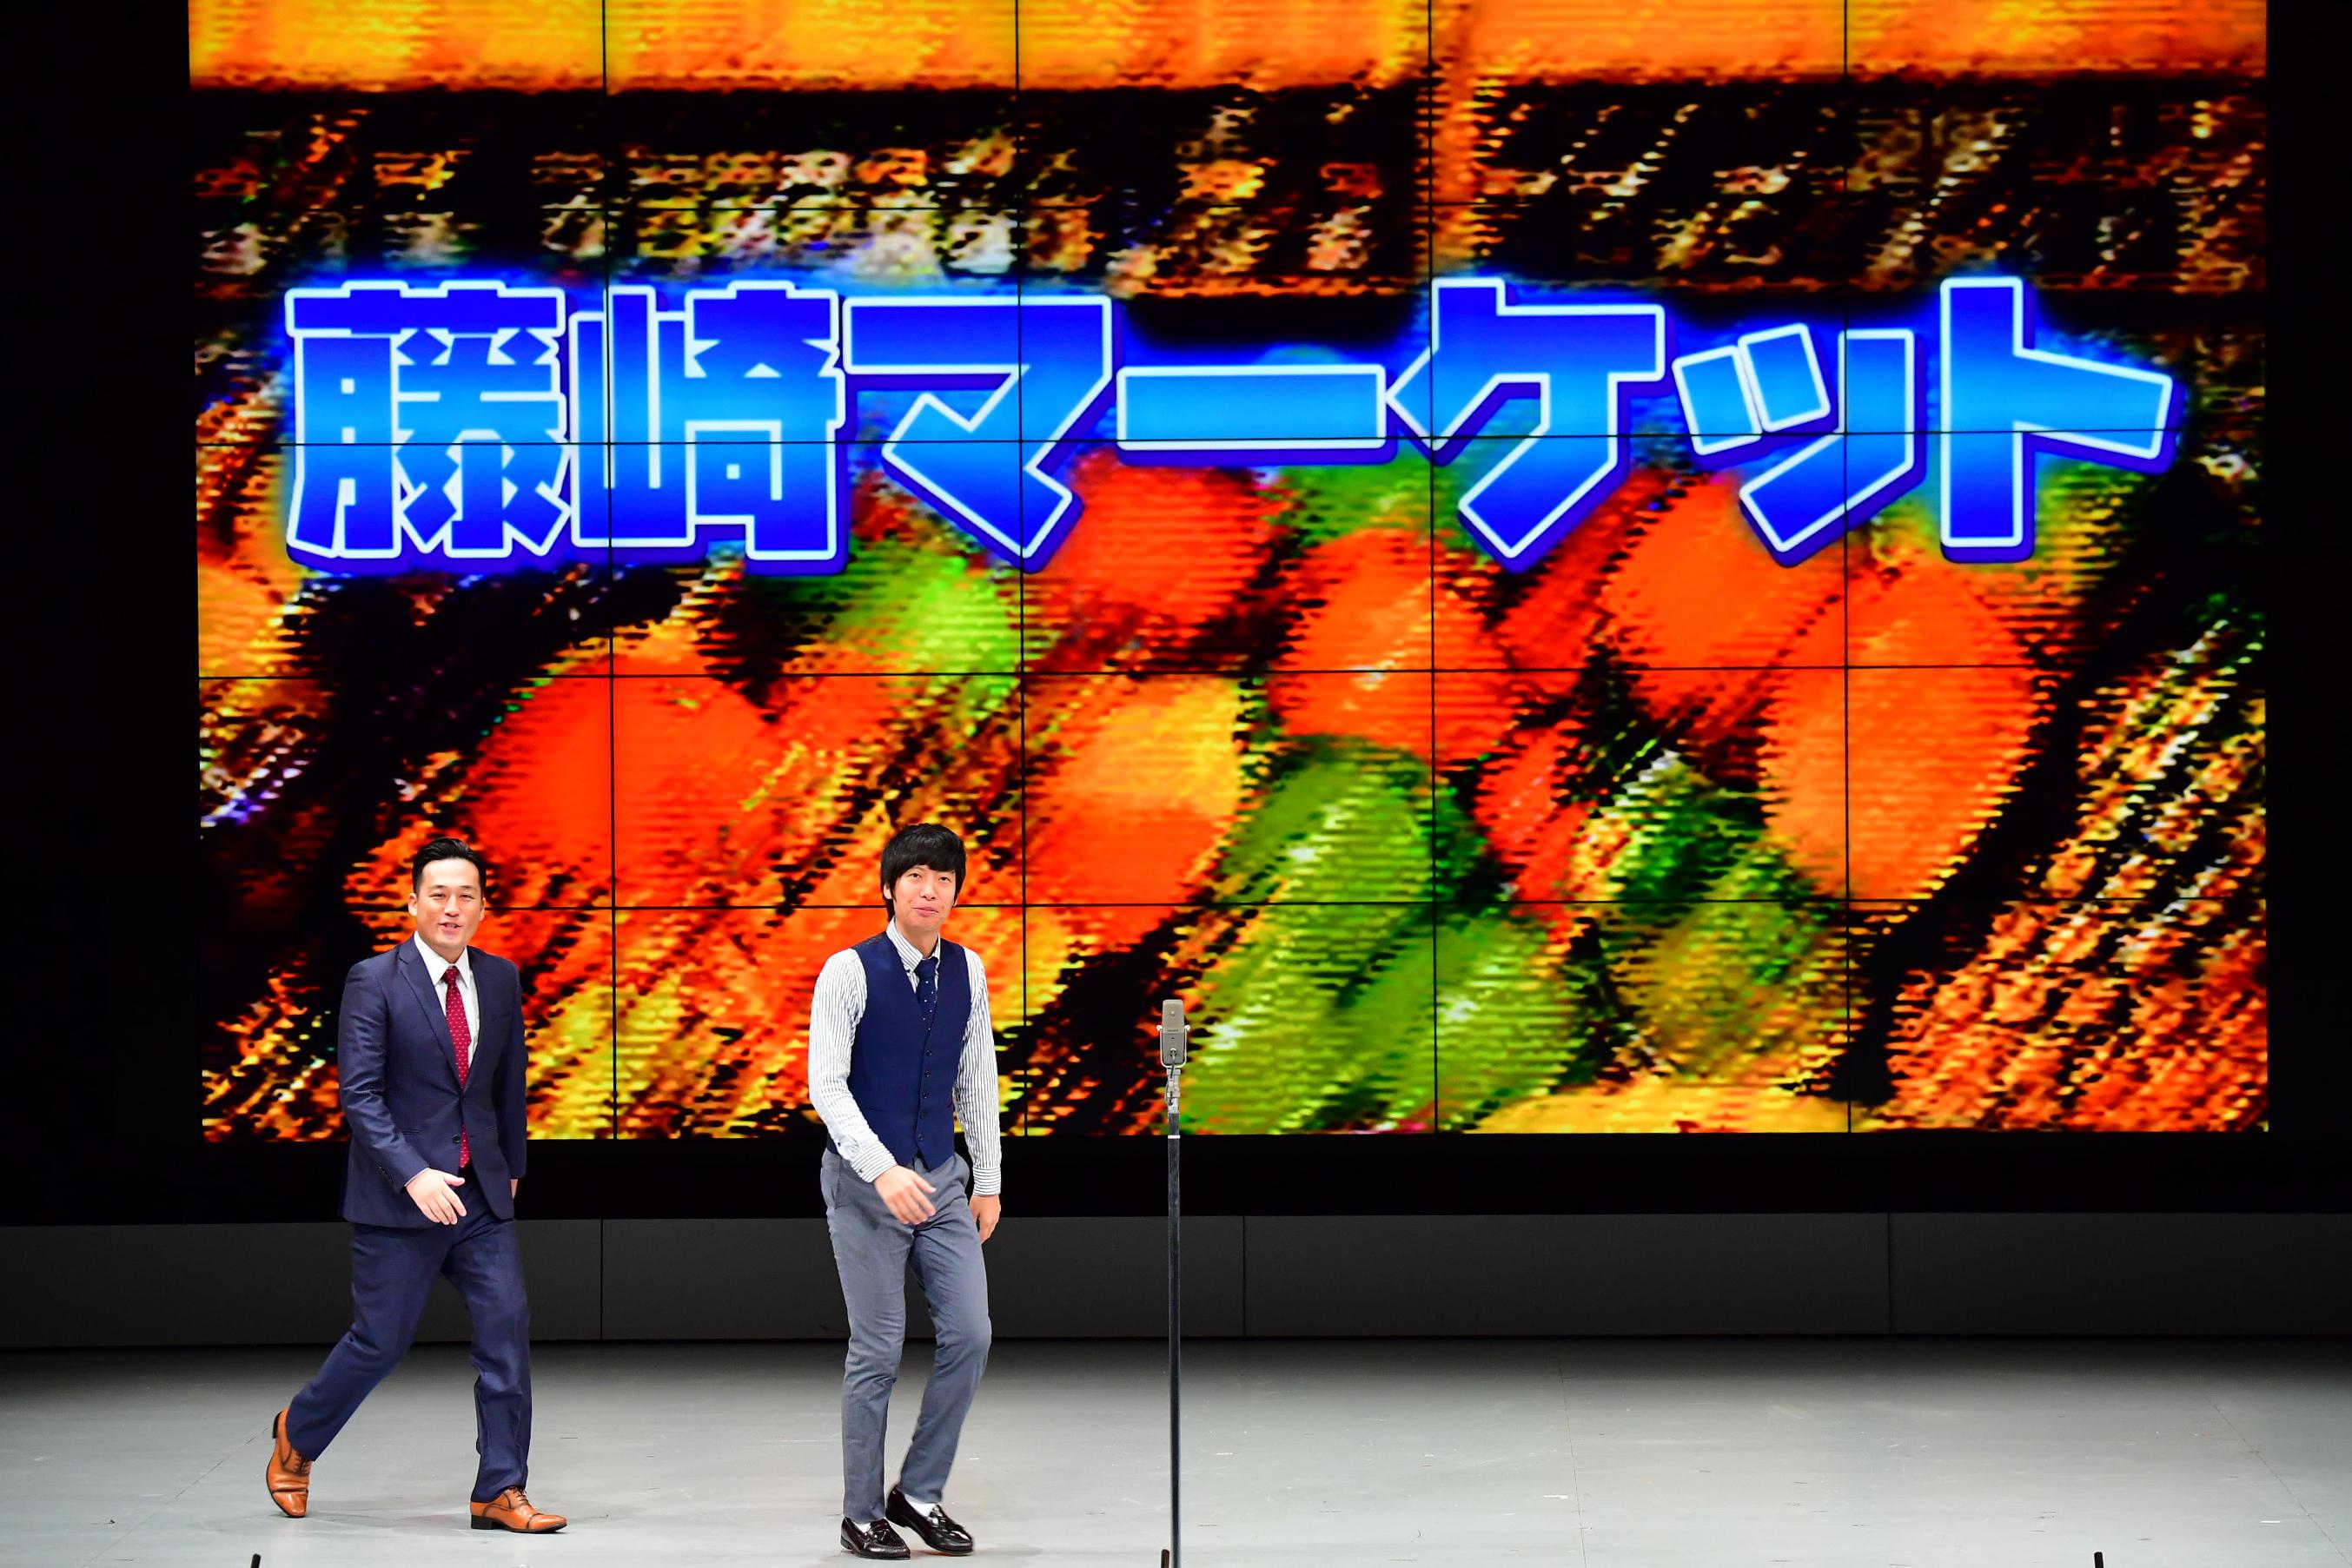 http://news.yoshimoto.co.jp/20171227162417-f9d11b09304db1f5db03c1bc92b96ee6d074688f.jpg